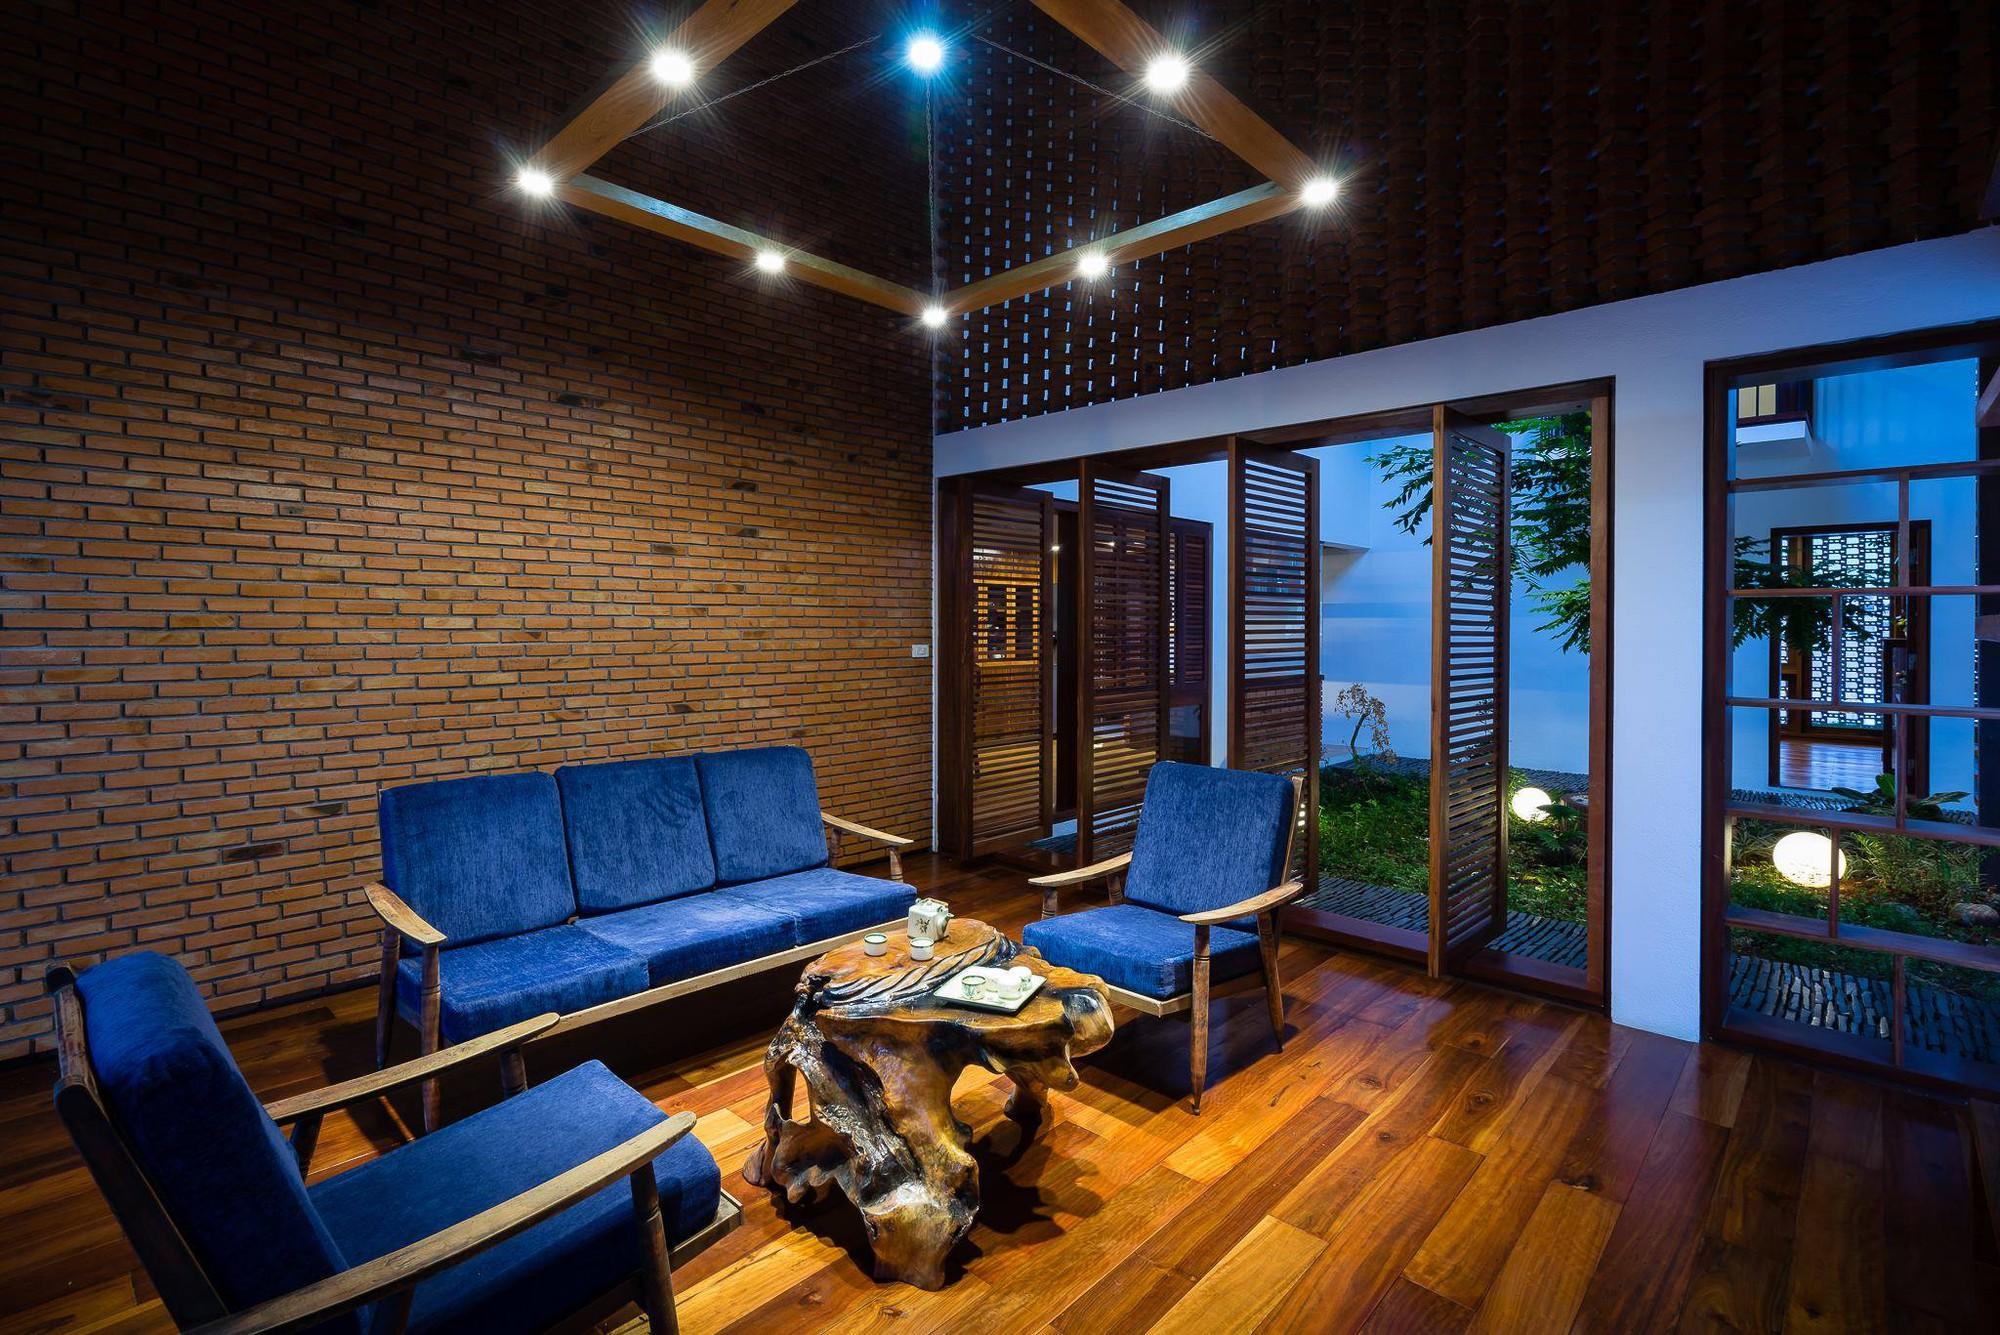 nha-dep-16-1531708744883901597969 Ngôi nhà mái ngói cấp 4 đẹp như resort khiến nhiều người ước mơ ở Lâm Đồng